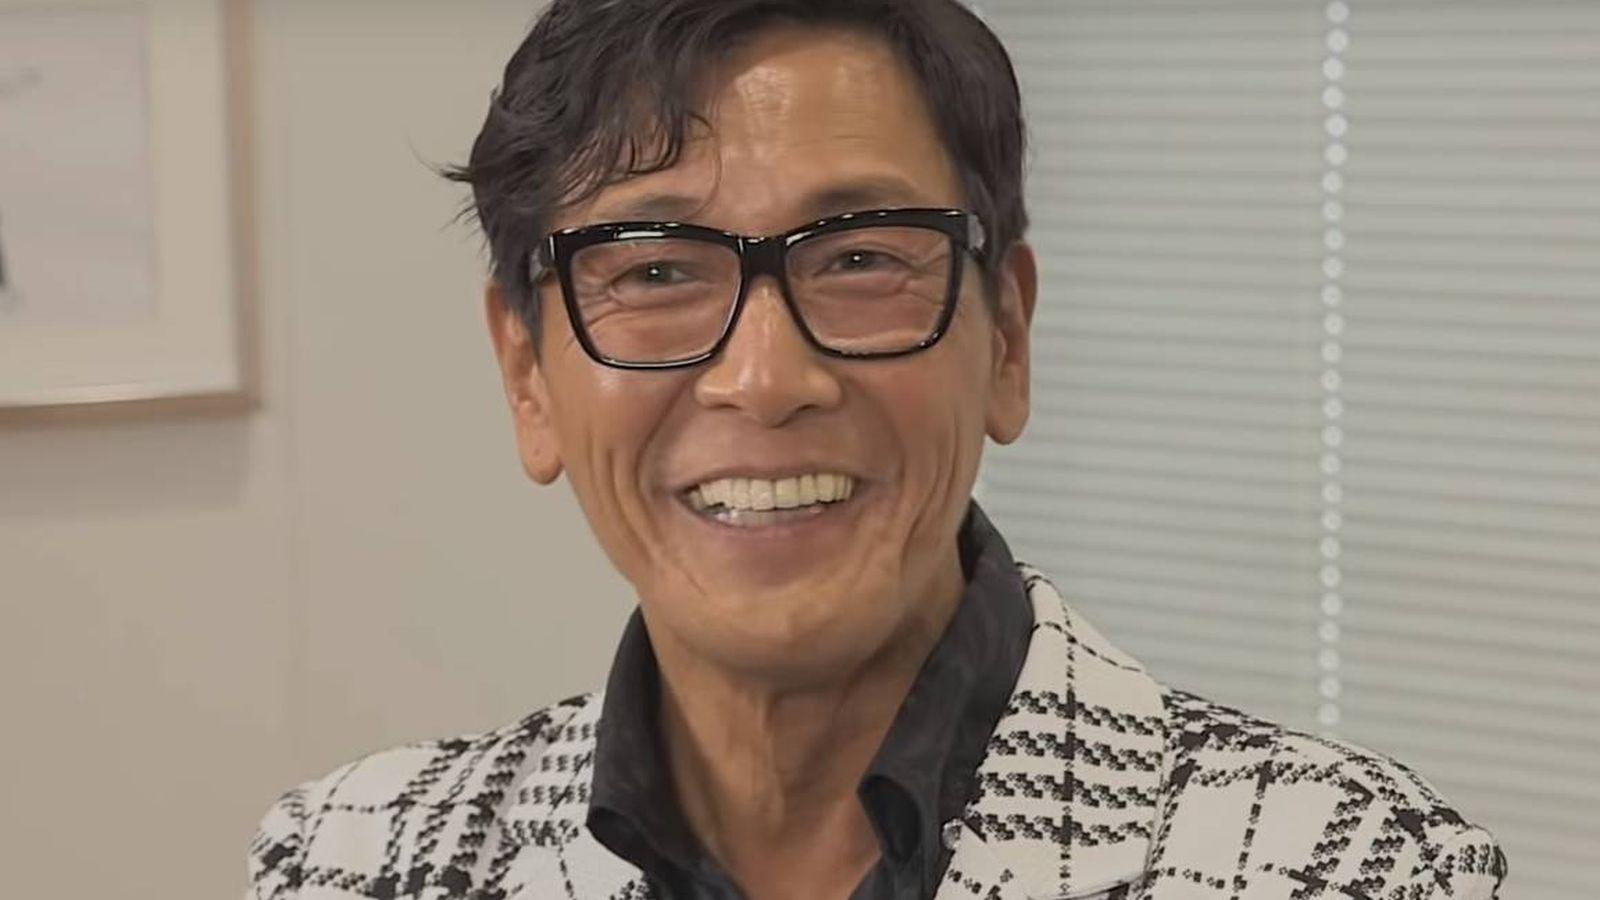 Foto: El actor Taka Kato, en un fragmento de la entrevista. (YouTube)